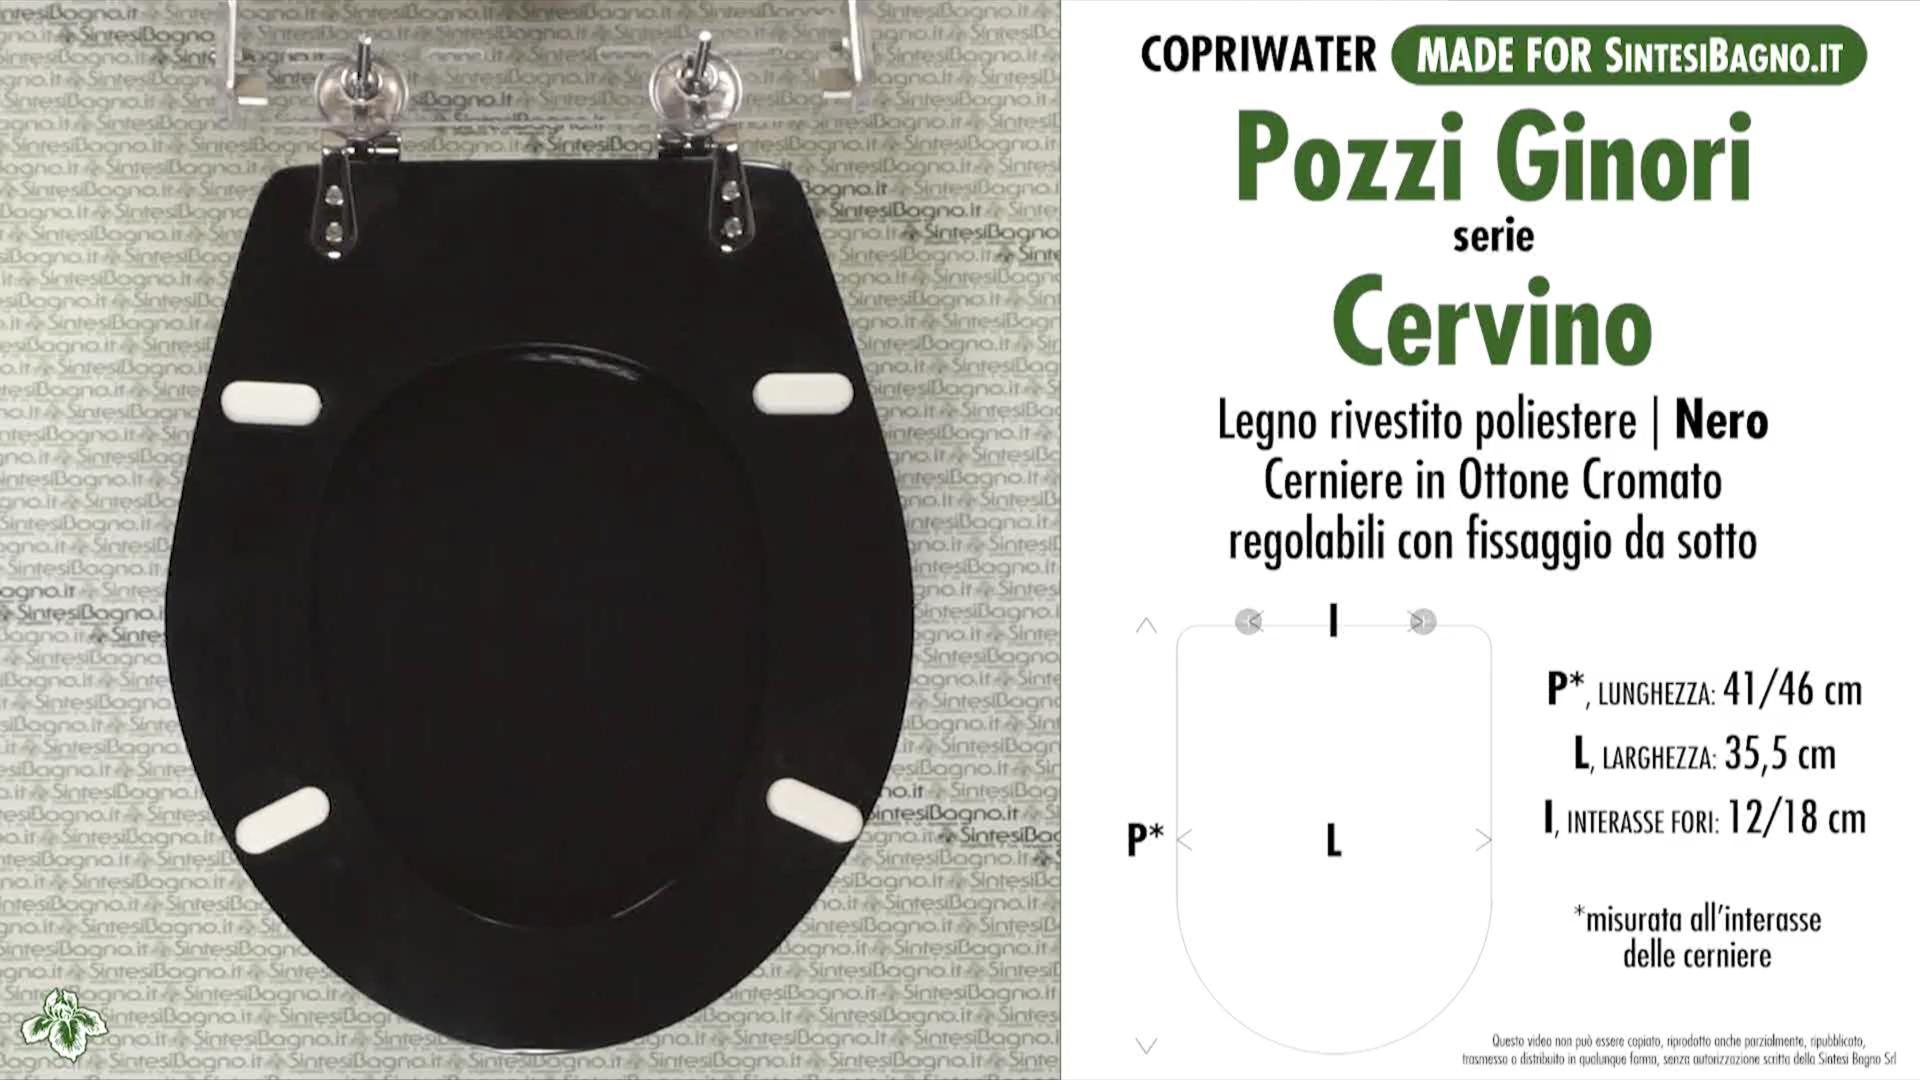 SCHEDA TECNICA MISURE copriwater POZZI GINORI CERVINO